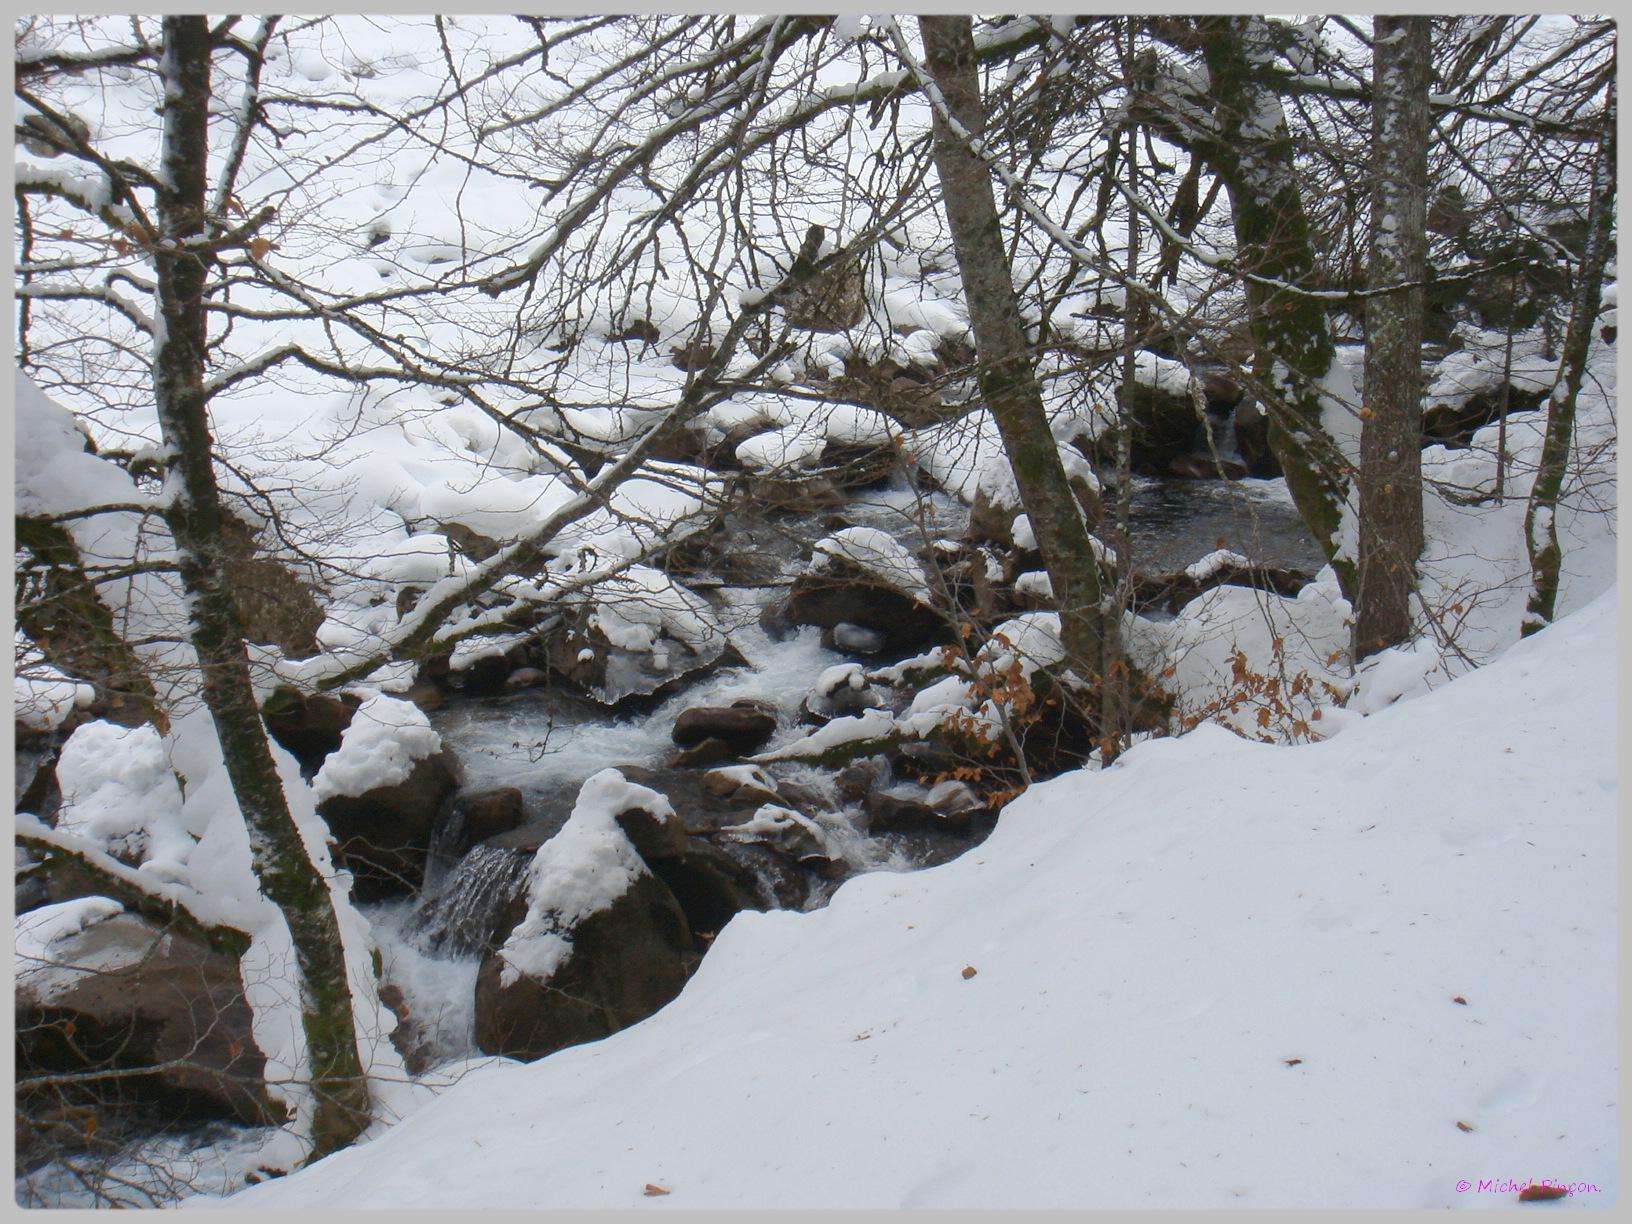 Une semaine à la Neige dans les Htes Pyrénées - Page 2 568378DSC011865